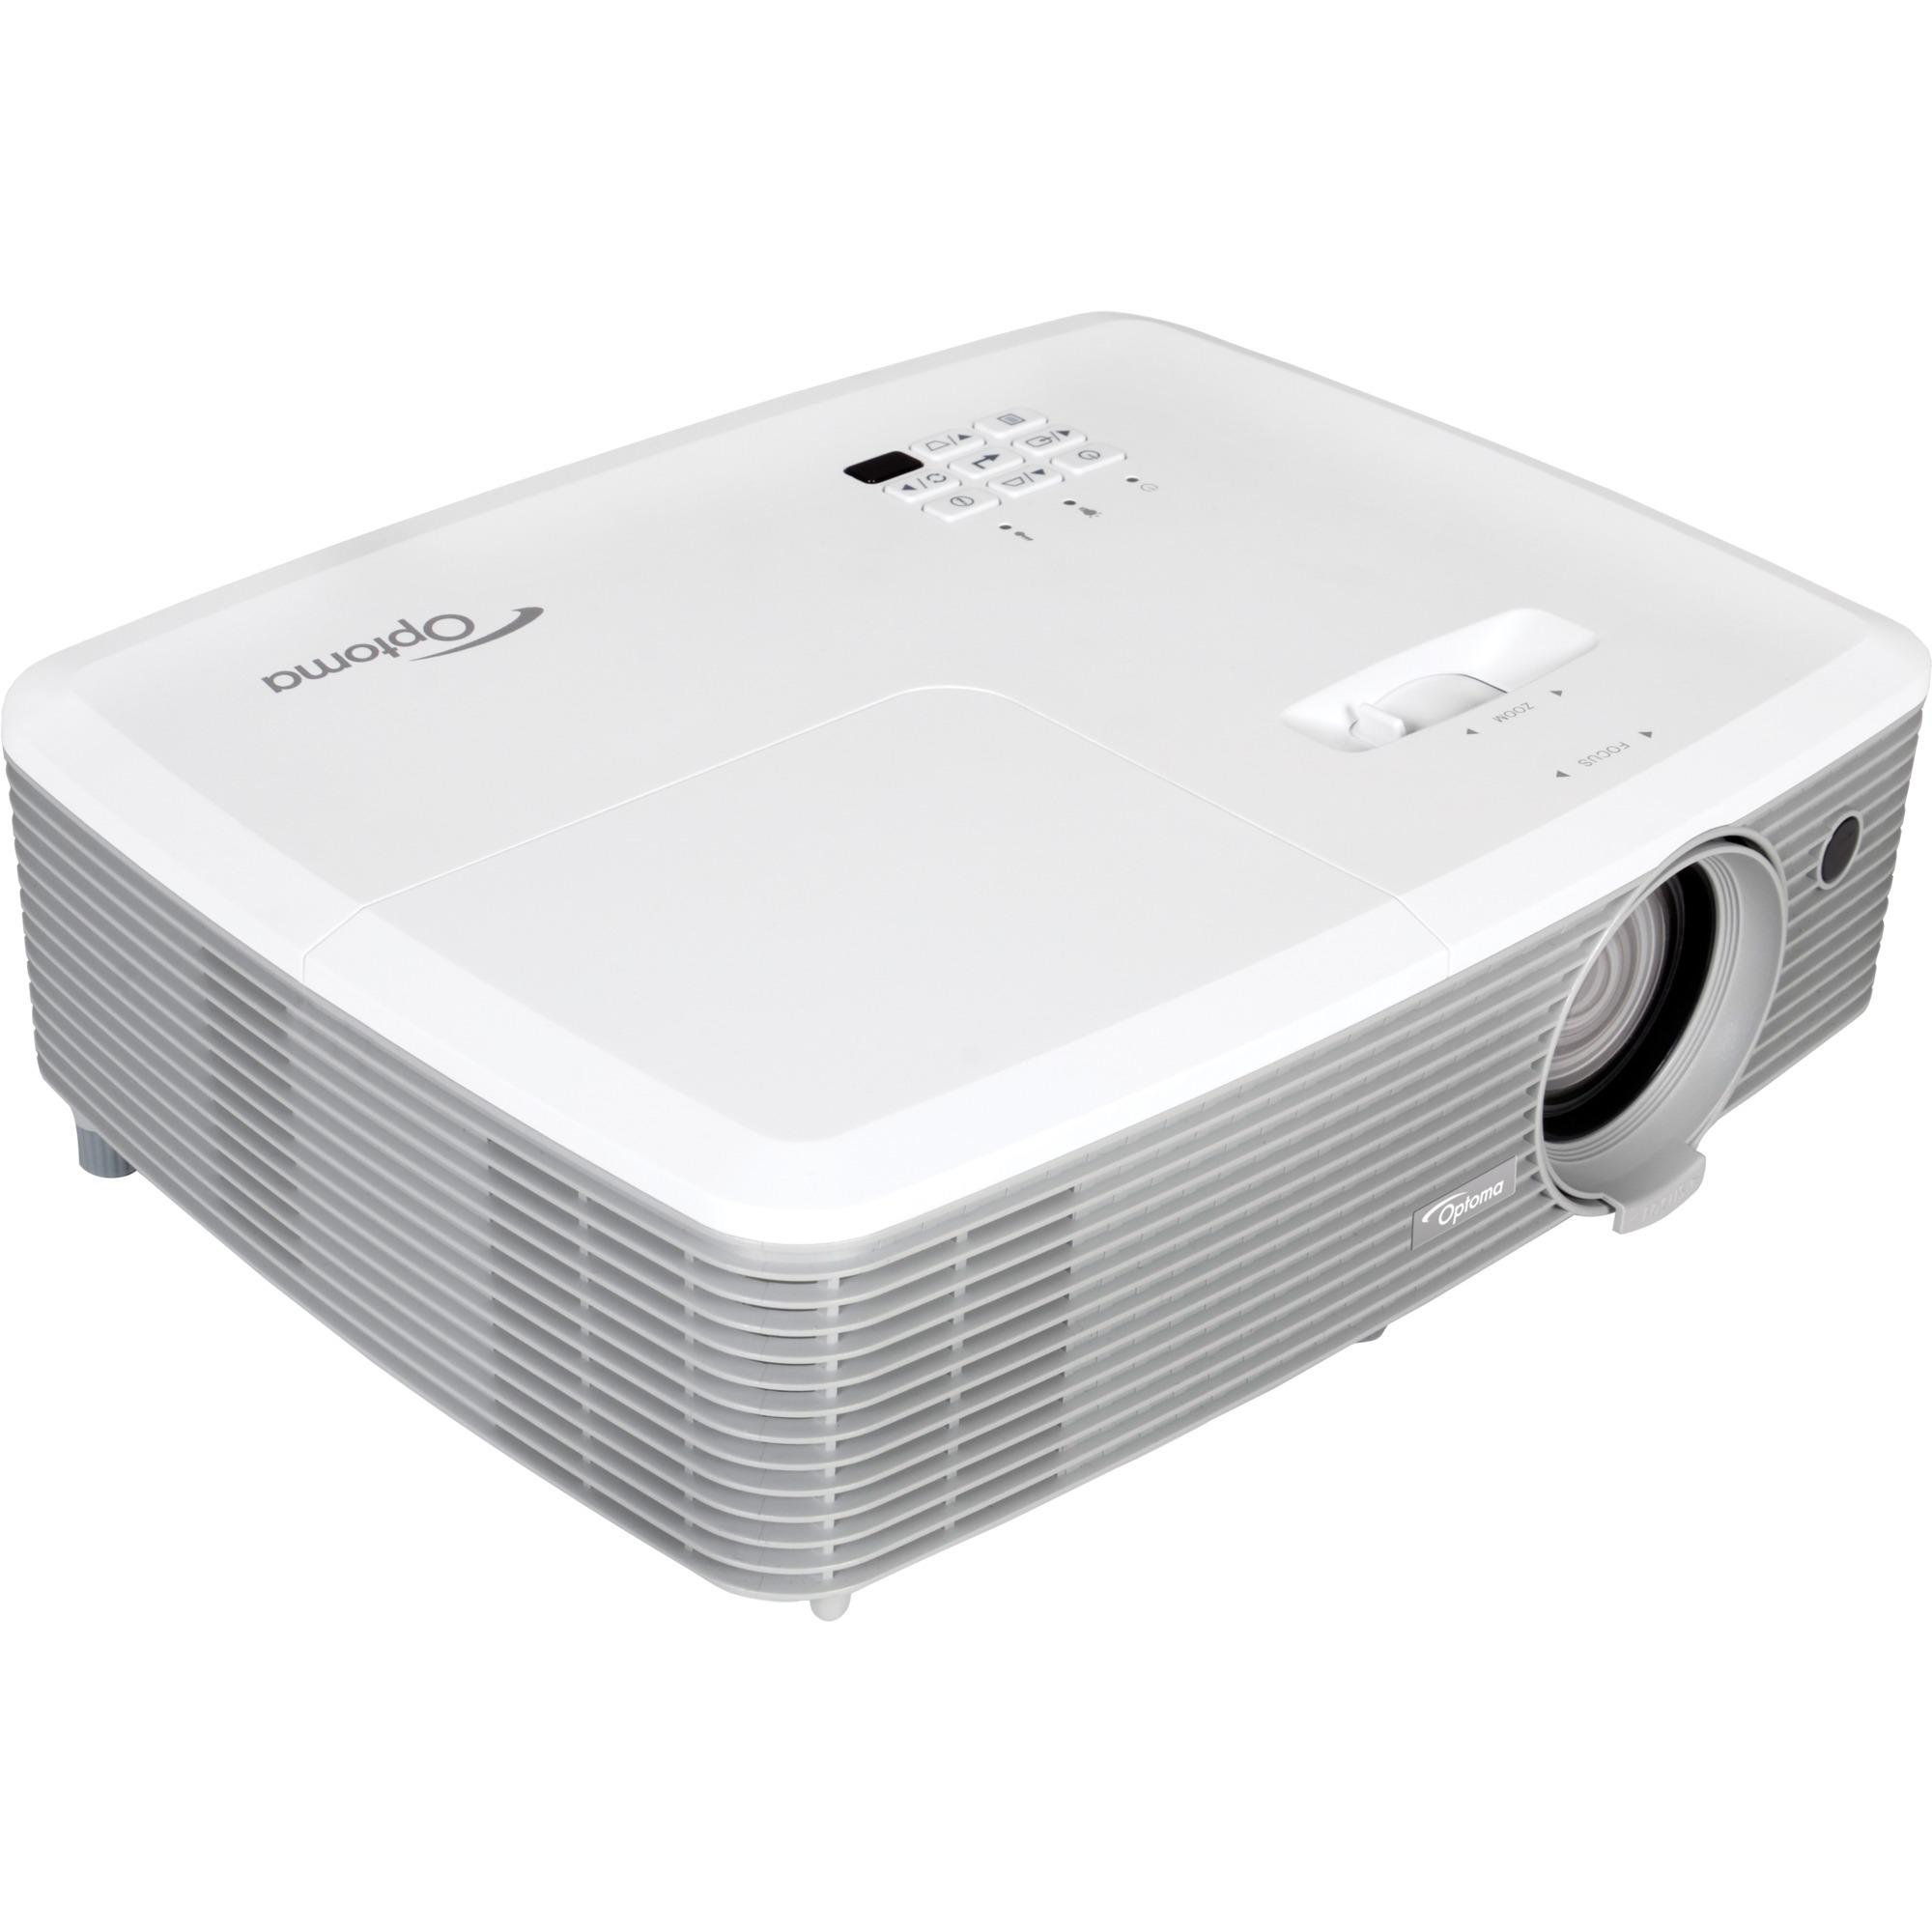 EH400 Vidéoprojecteur portable 4000ANSI lumens DLP 1080p (1920x1080) Compatibilité 3D Gris vidéo-projecteur, Projecteur DLP